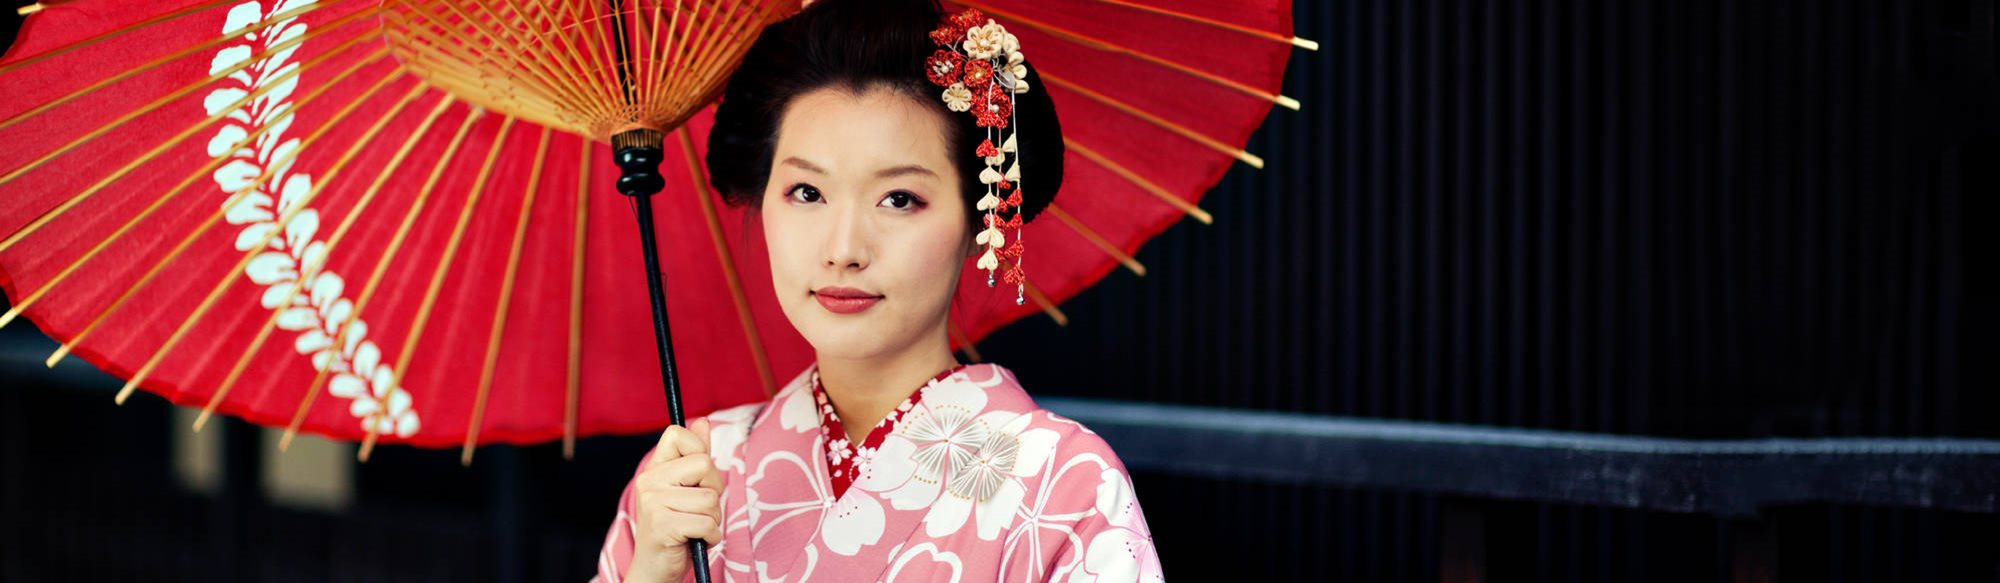 kina dating utlänningar 5 tips för dating säkerhet